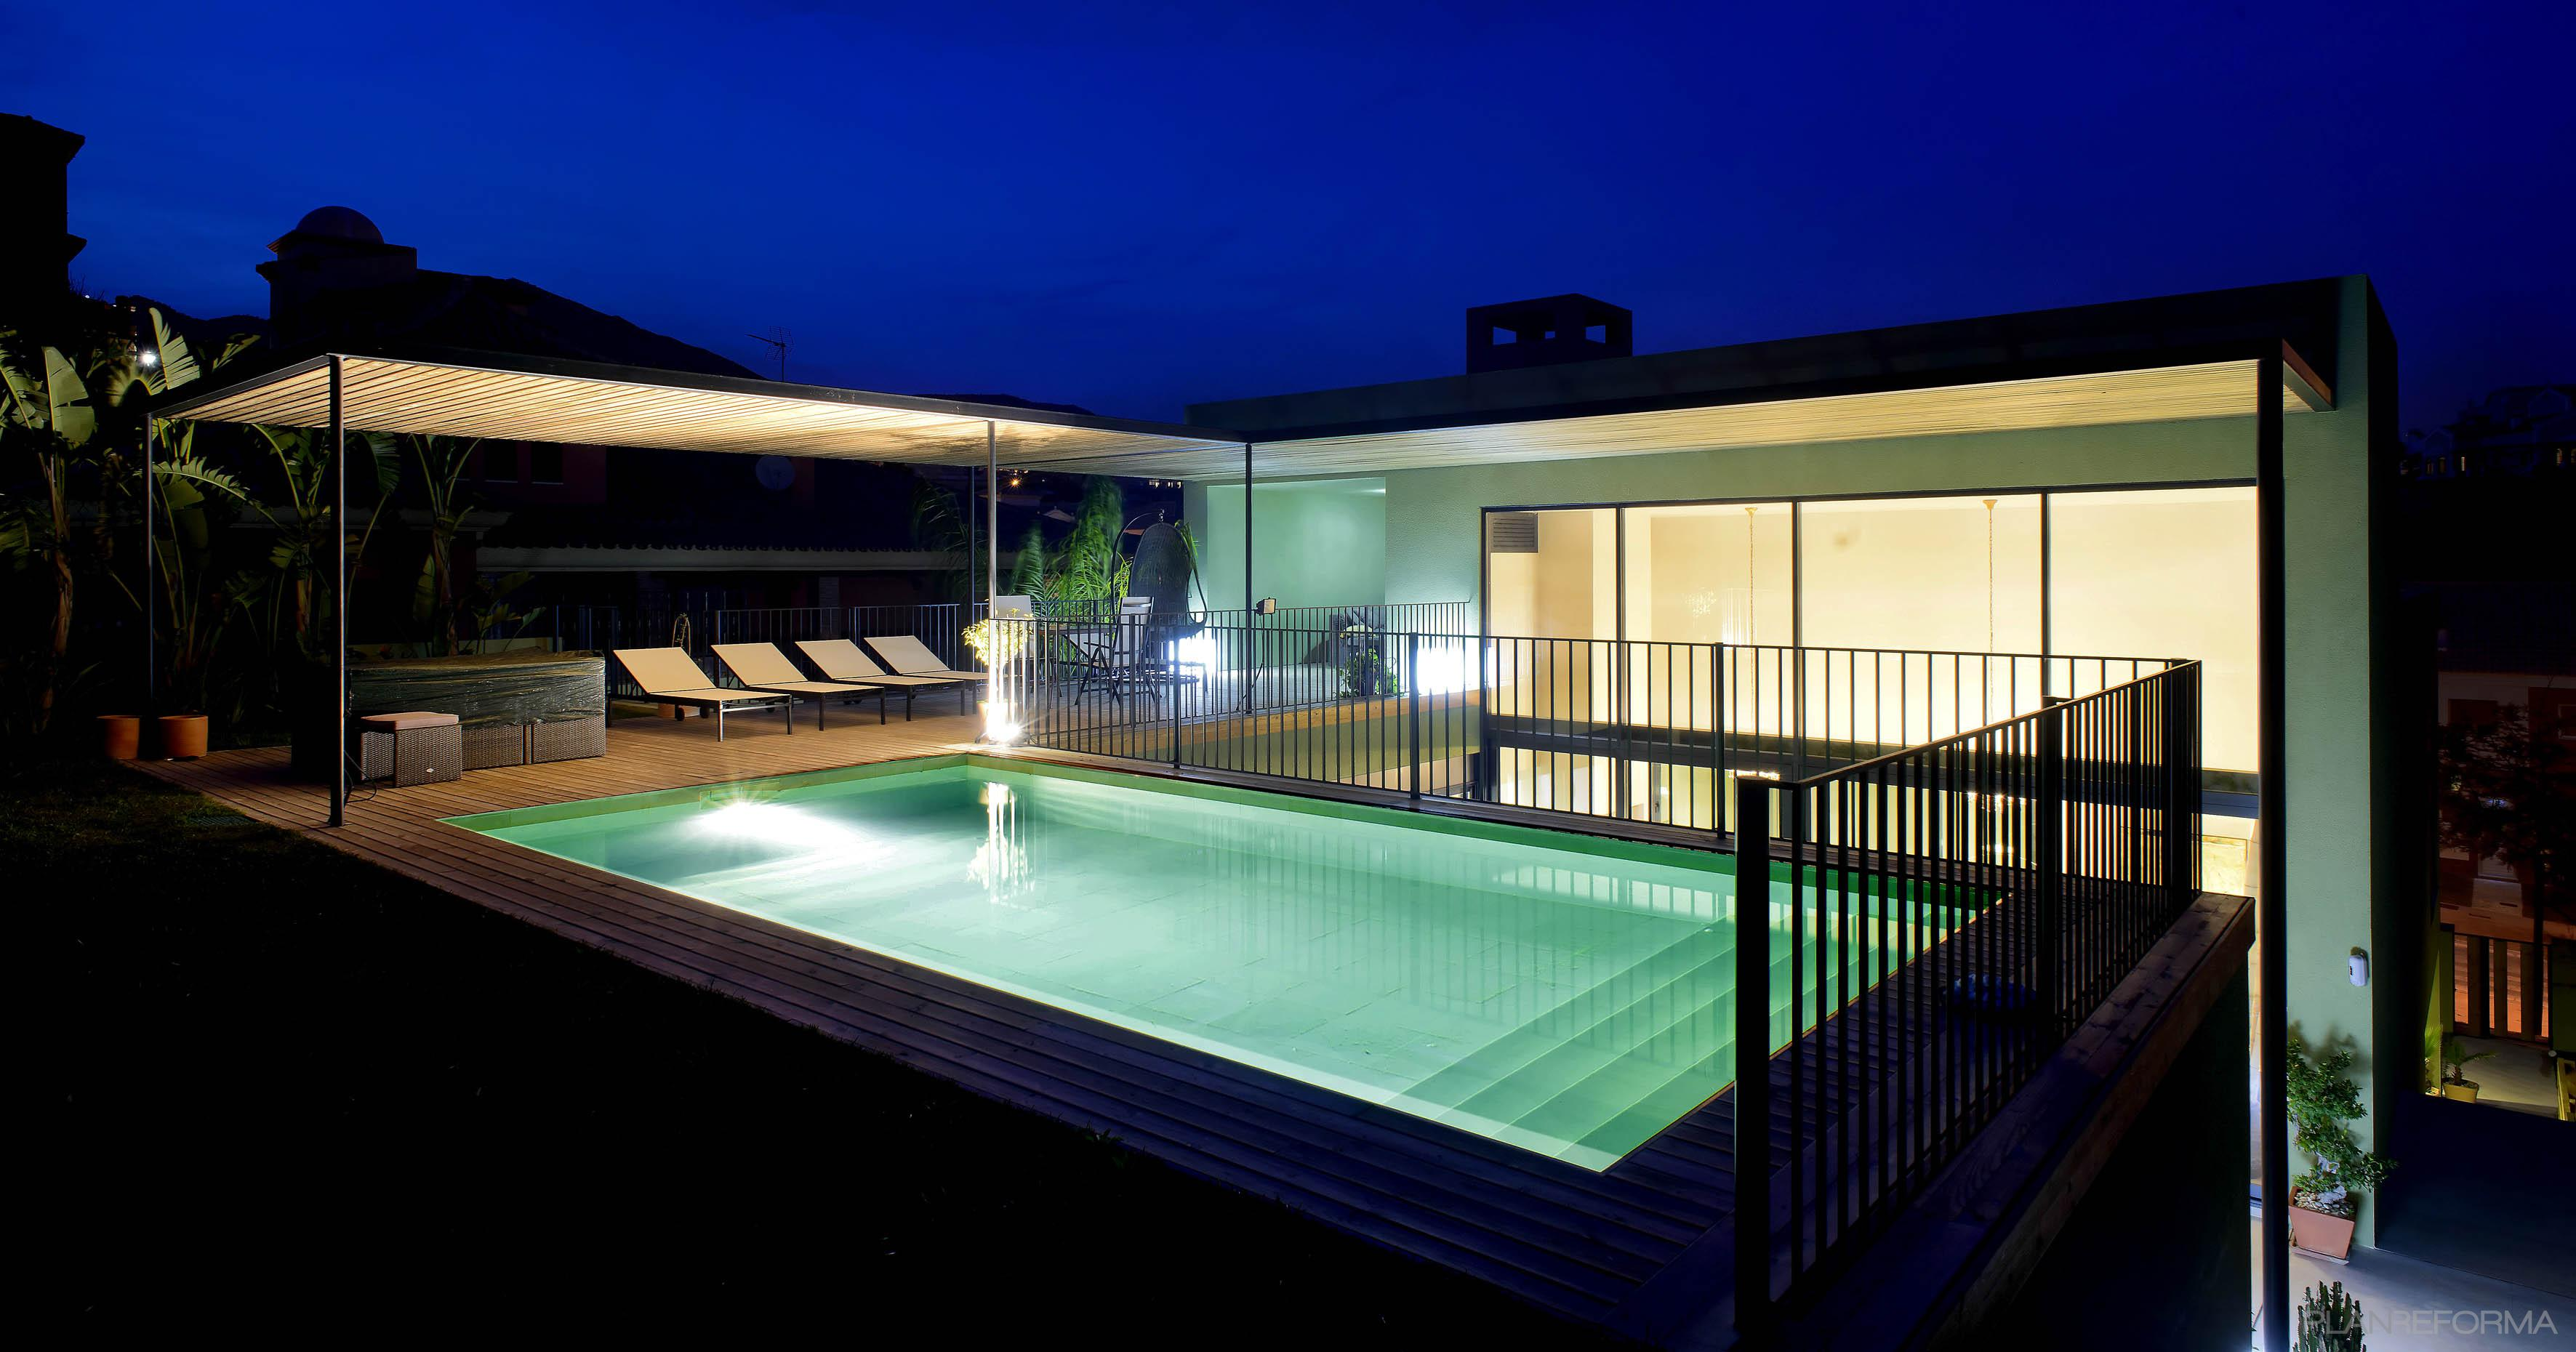 Piscina porche exterior estilo moderno color turquesa for Estilos de piscinas modernas